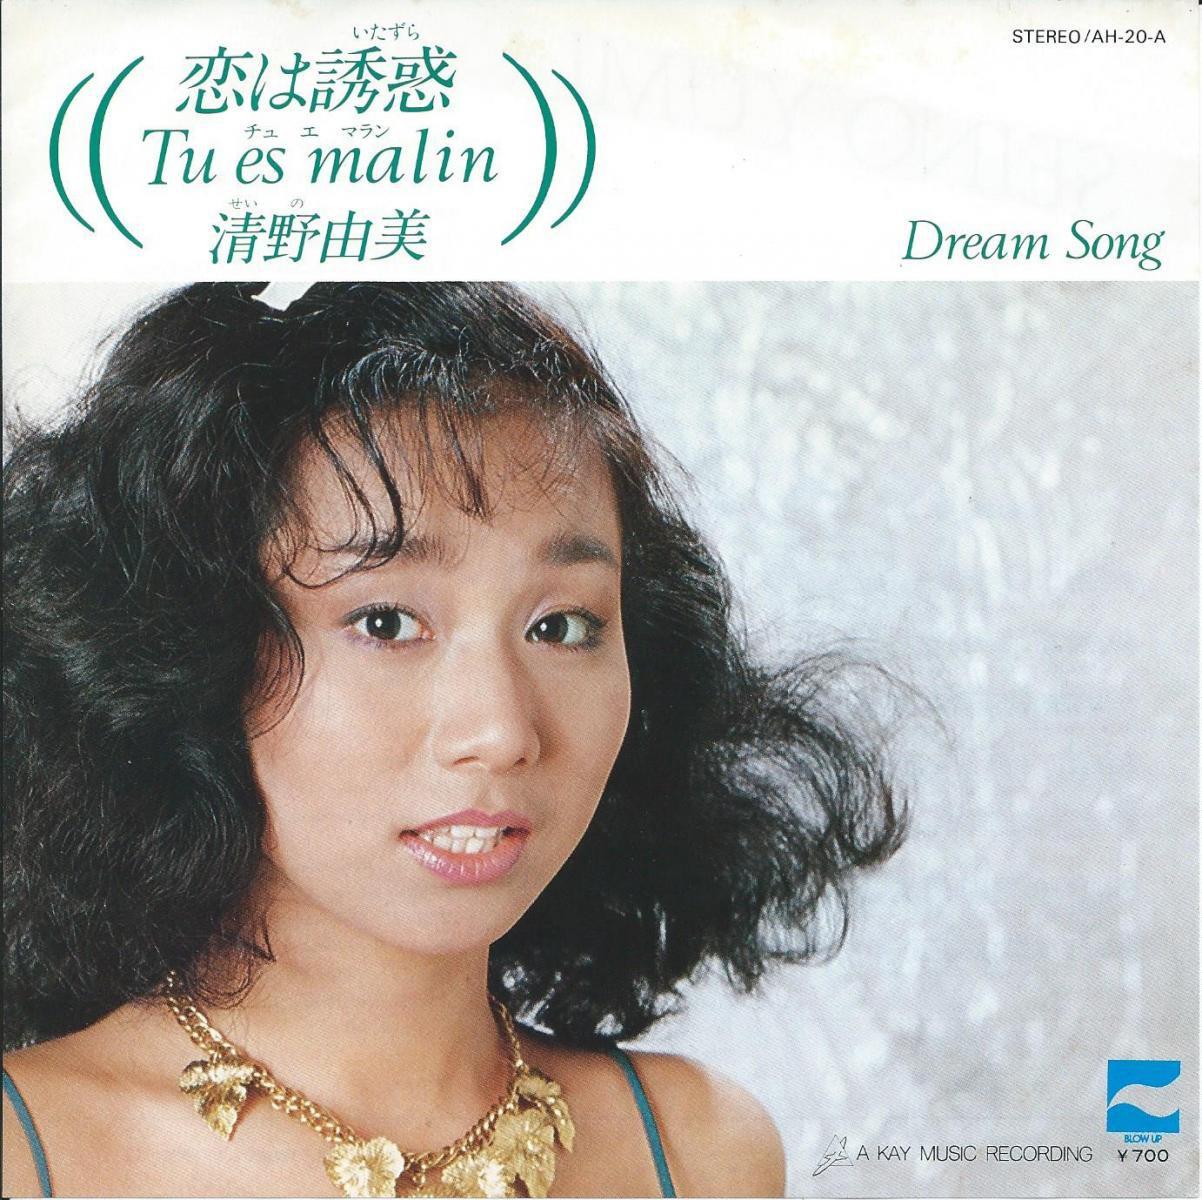 清野由美 YUMI SEINO (筒美京平) / 恋は誘惑 (いたずら) - TU ES MALIN / DREAM SONG (7